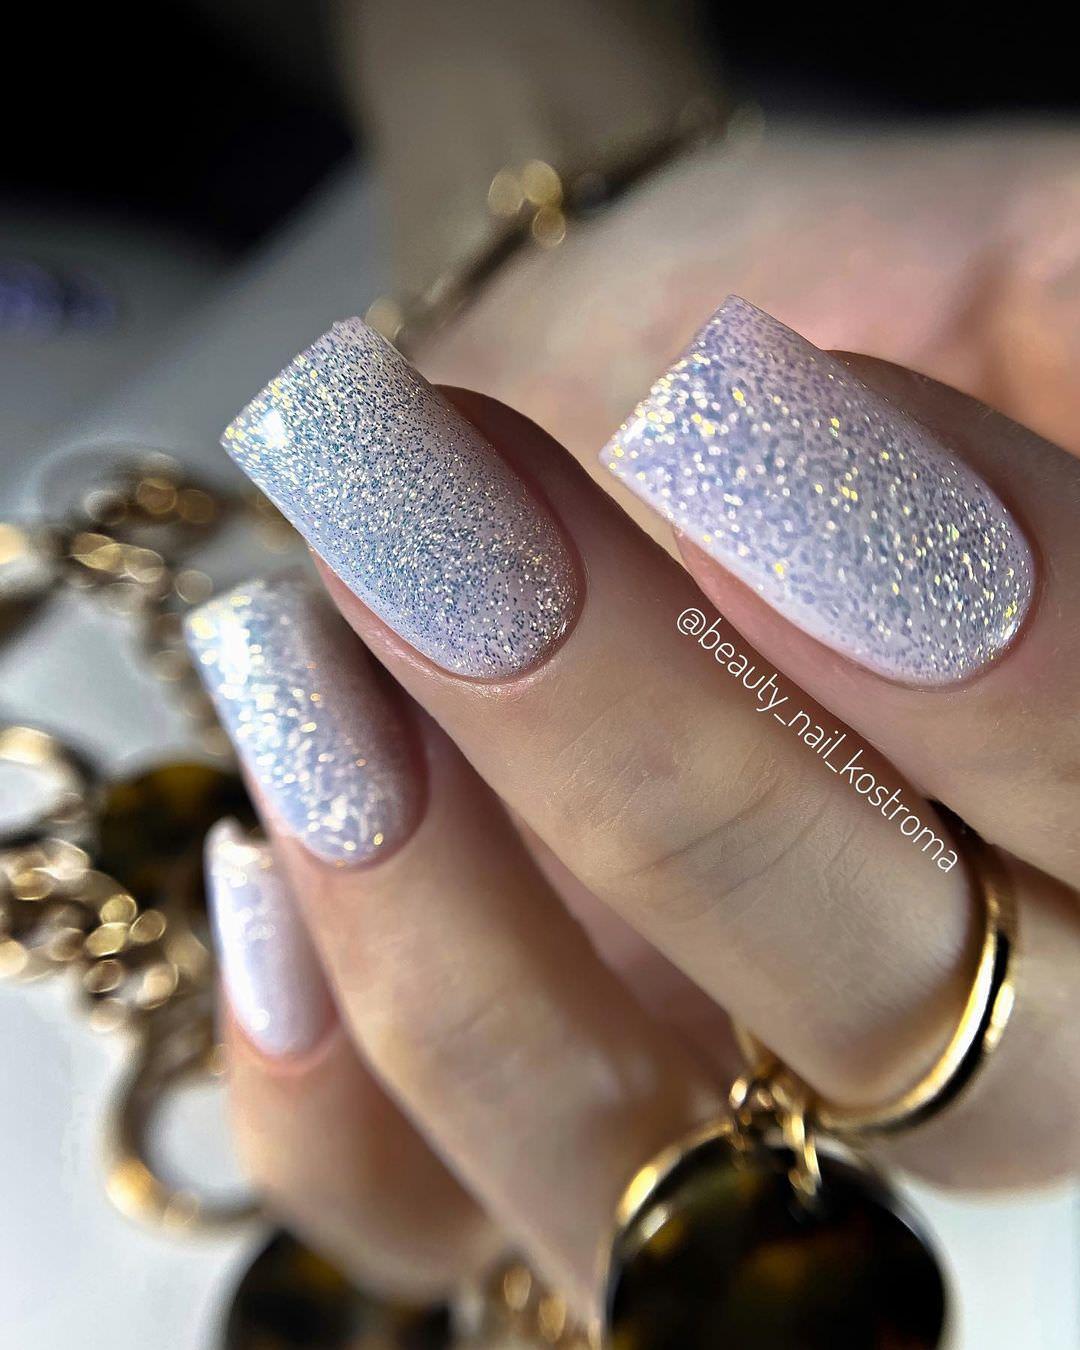 beauty_nail_kostroma_241313672_606403750765309_4702596312546107676_n